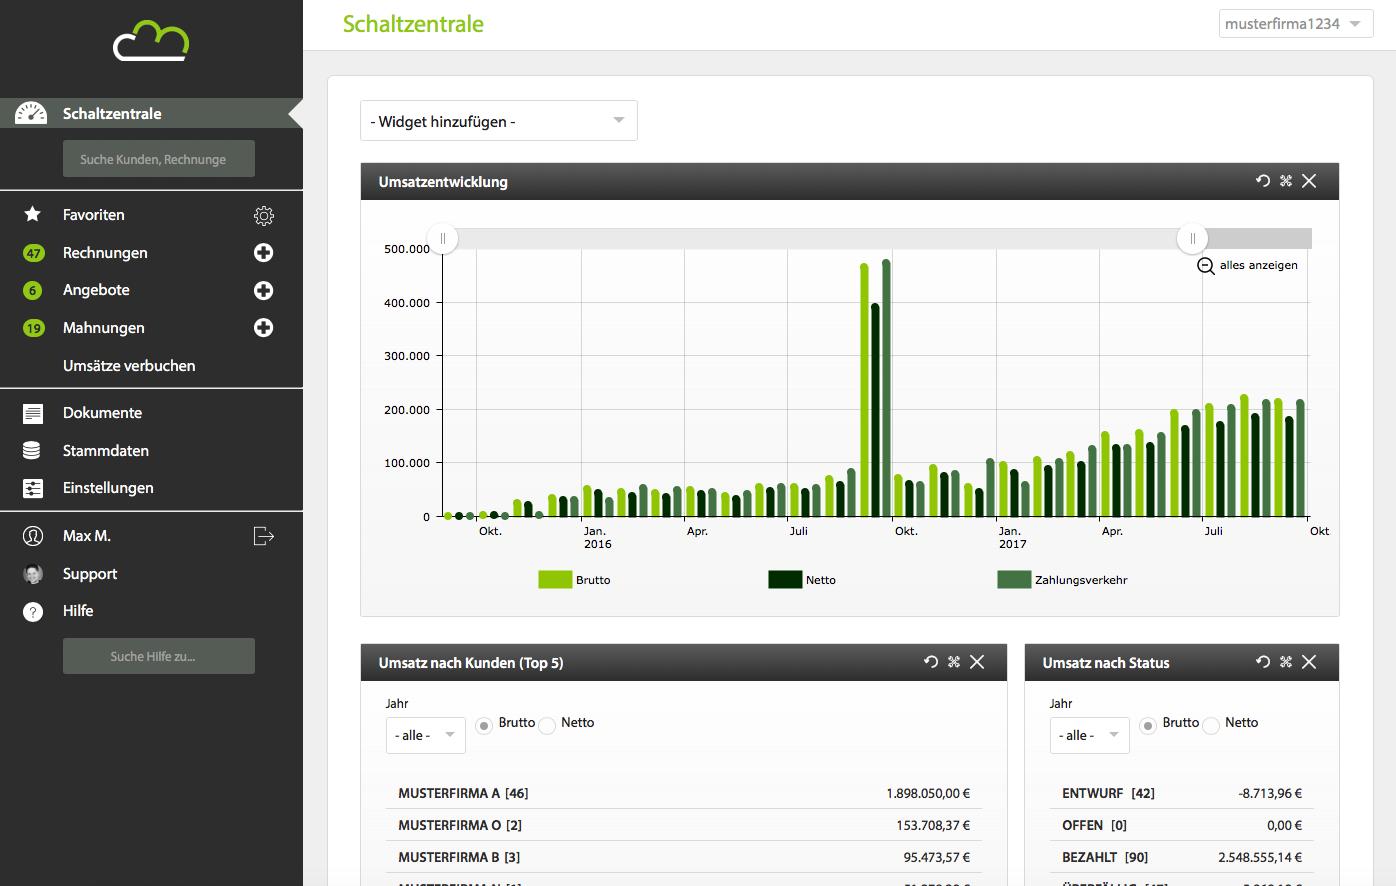 Billomat.com Online-Buchhaltungssoftware